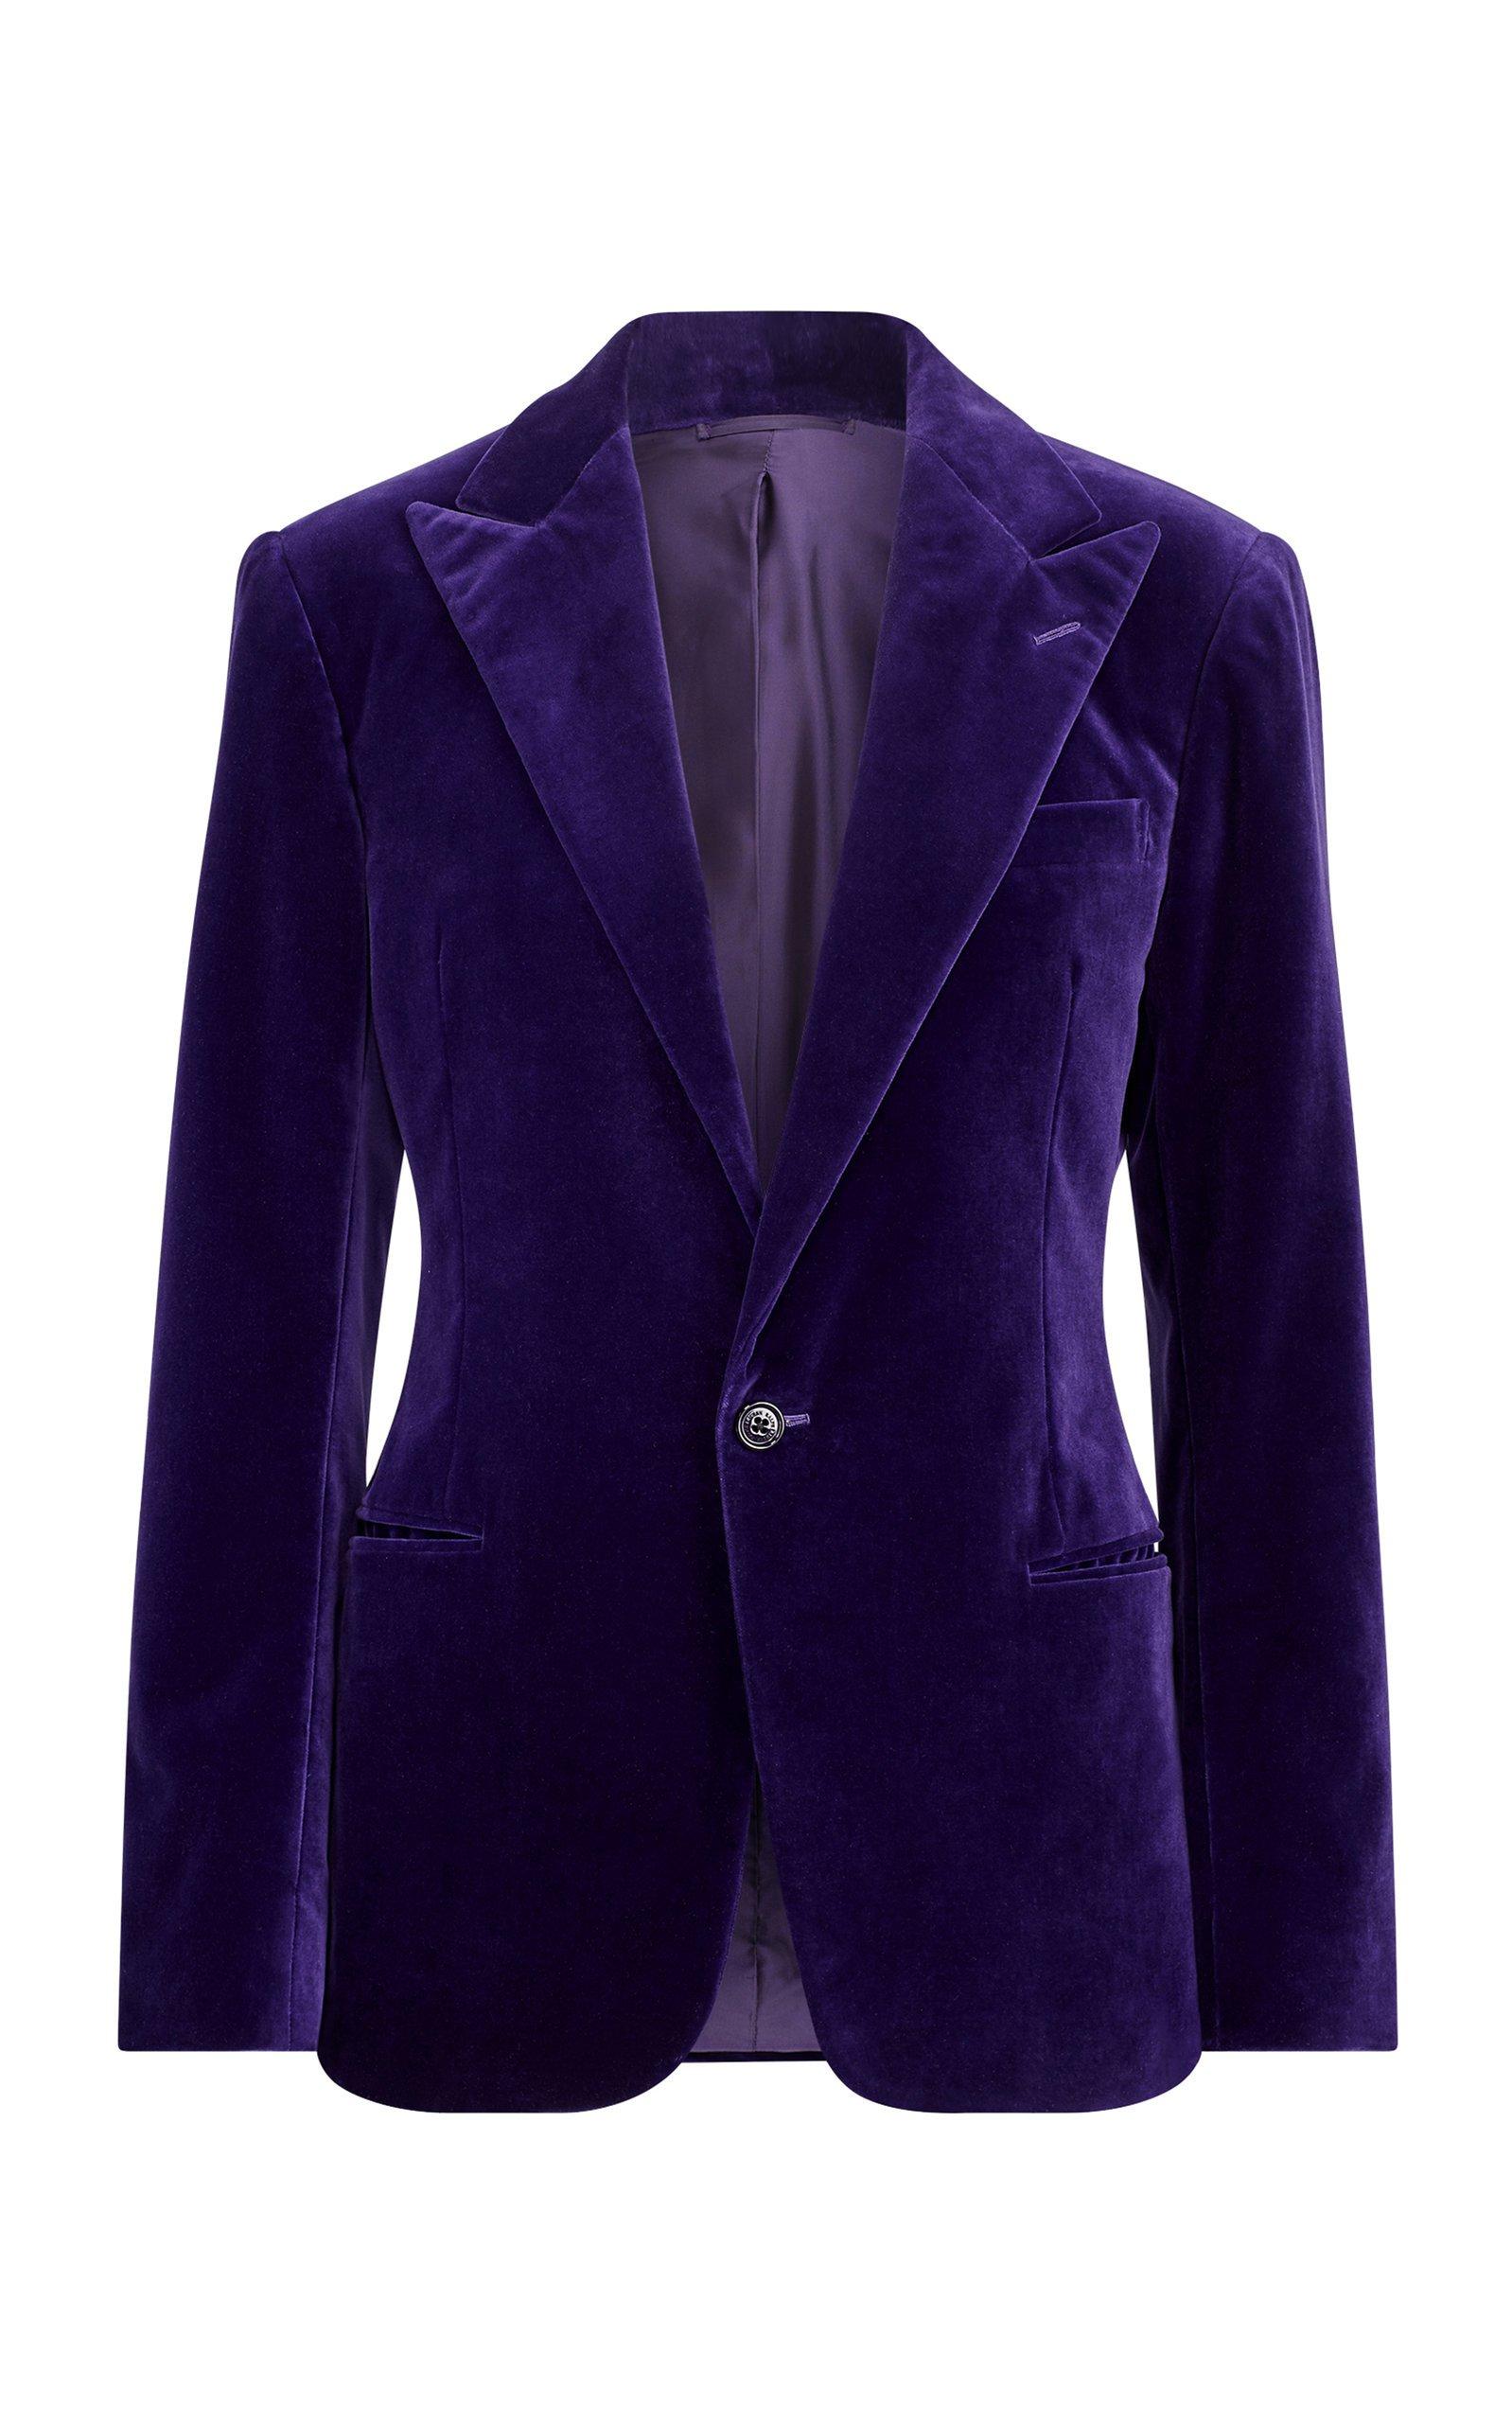 Ralph Lauren Fem Cotton Velvet Jacket Size: 8